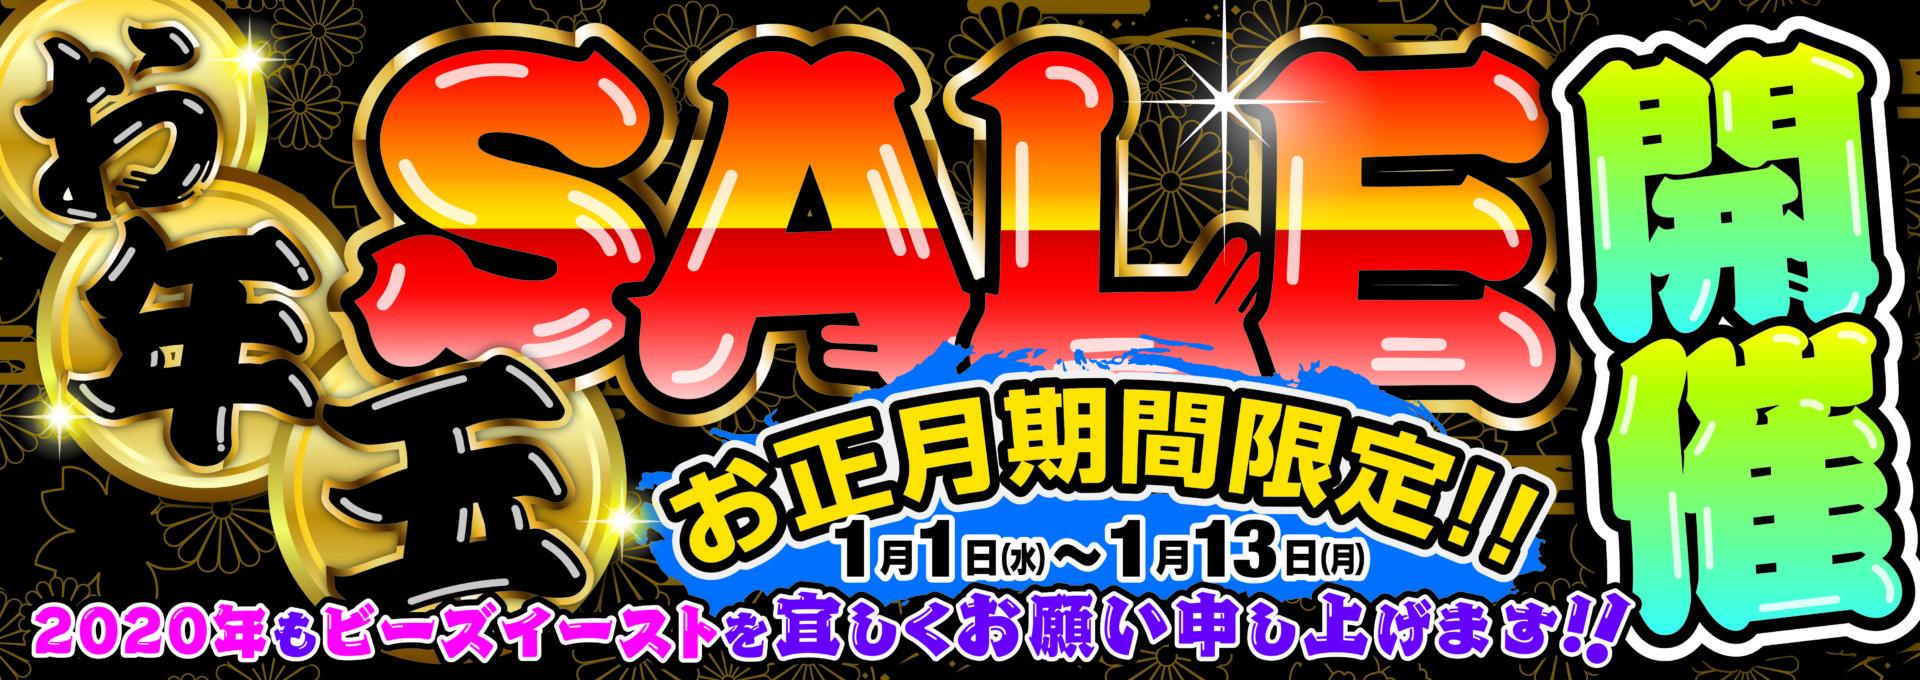 2020年新春!!正月セール開催!!